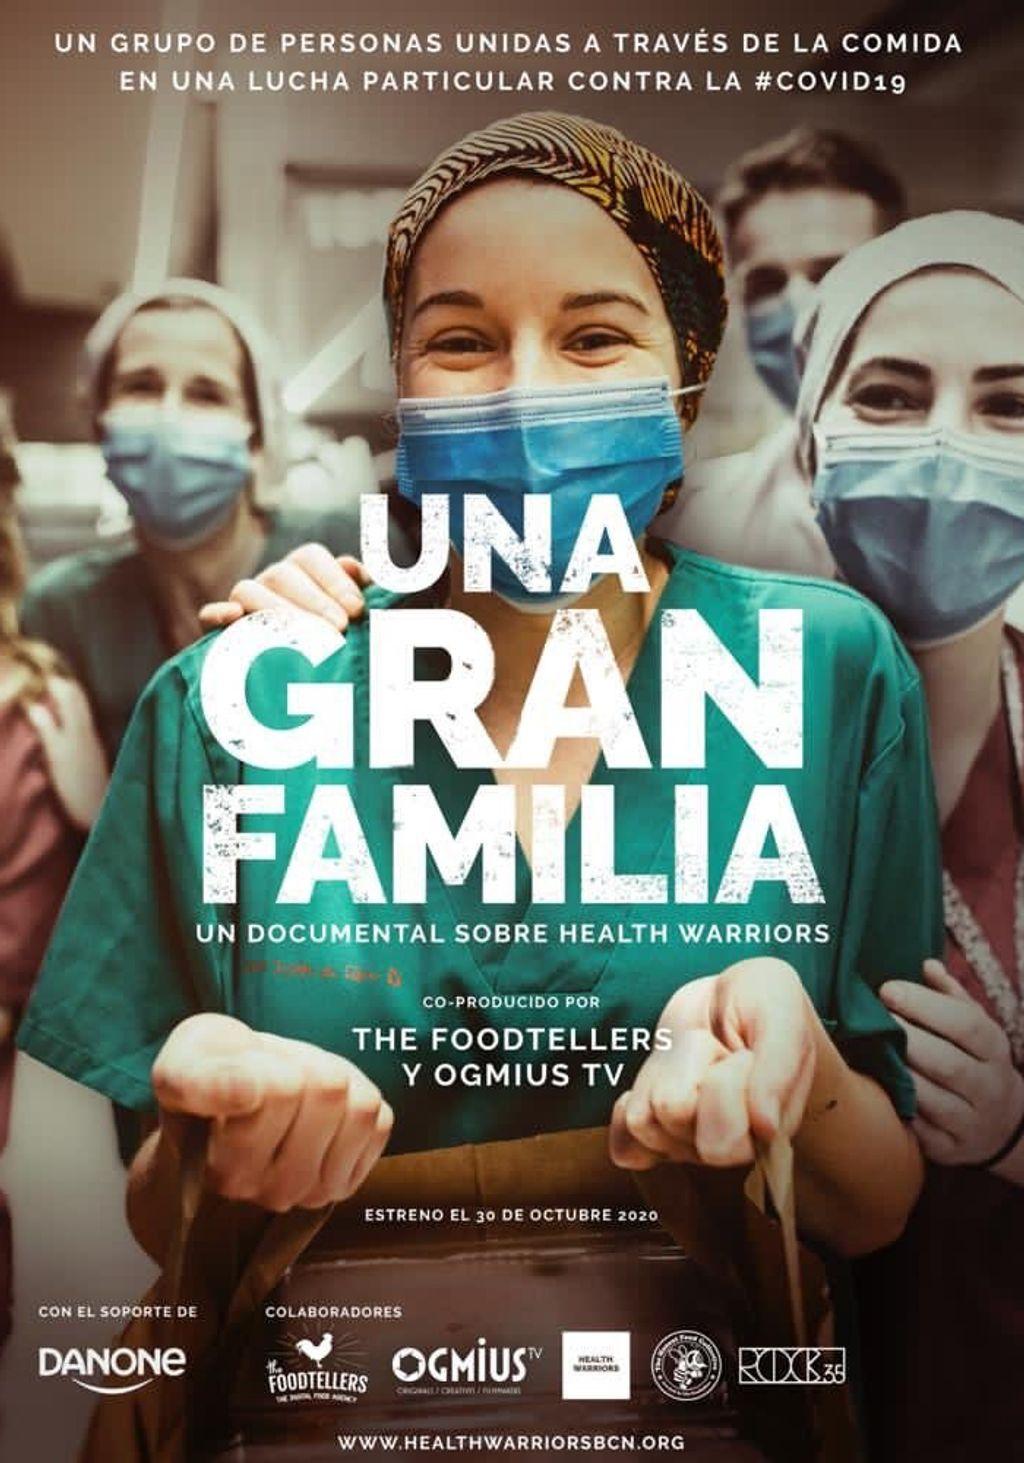 UnagranfamiliaPoster